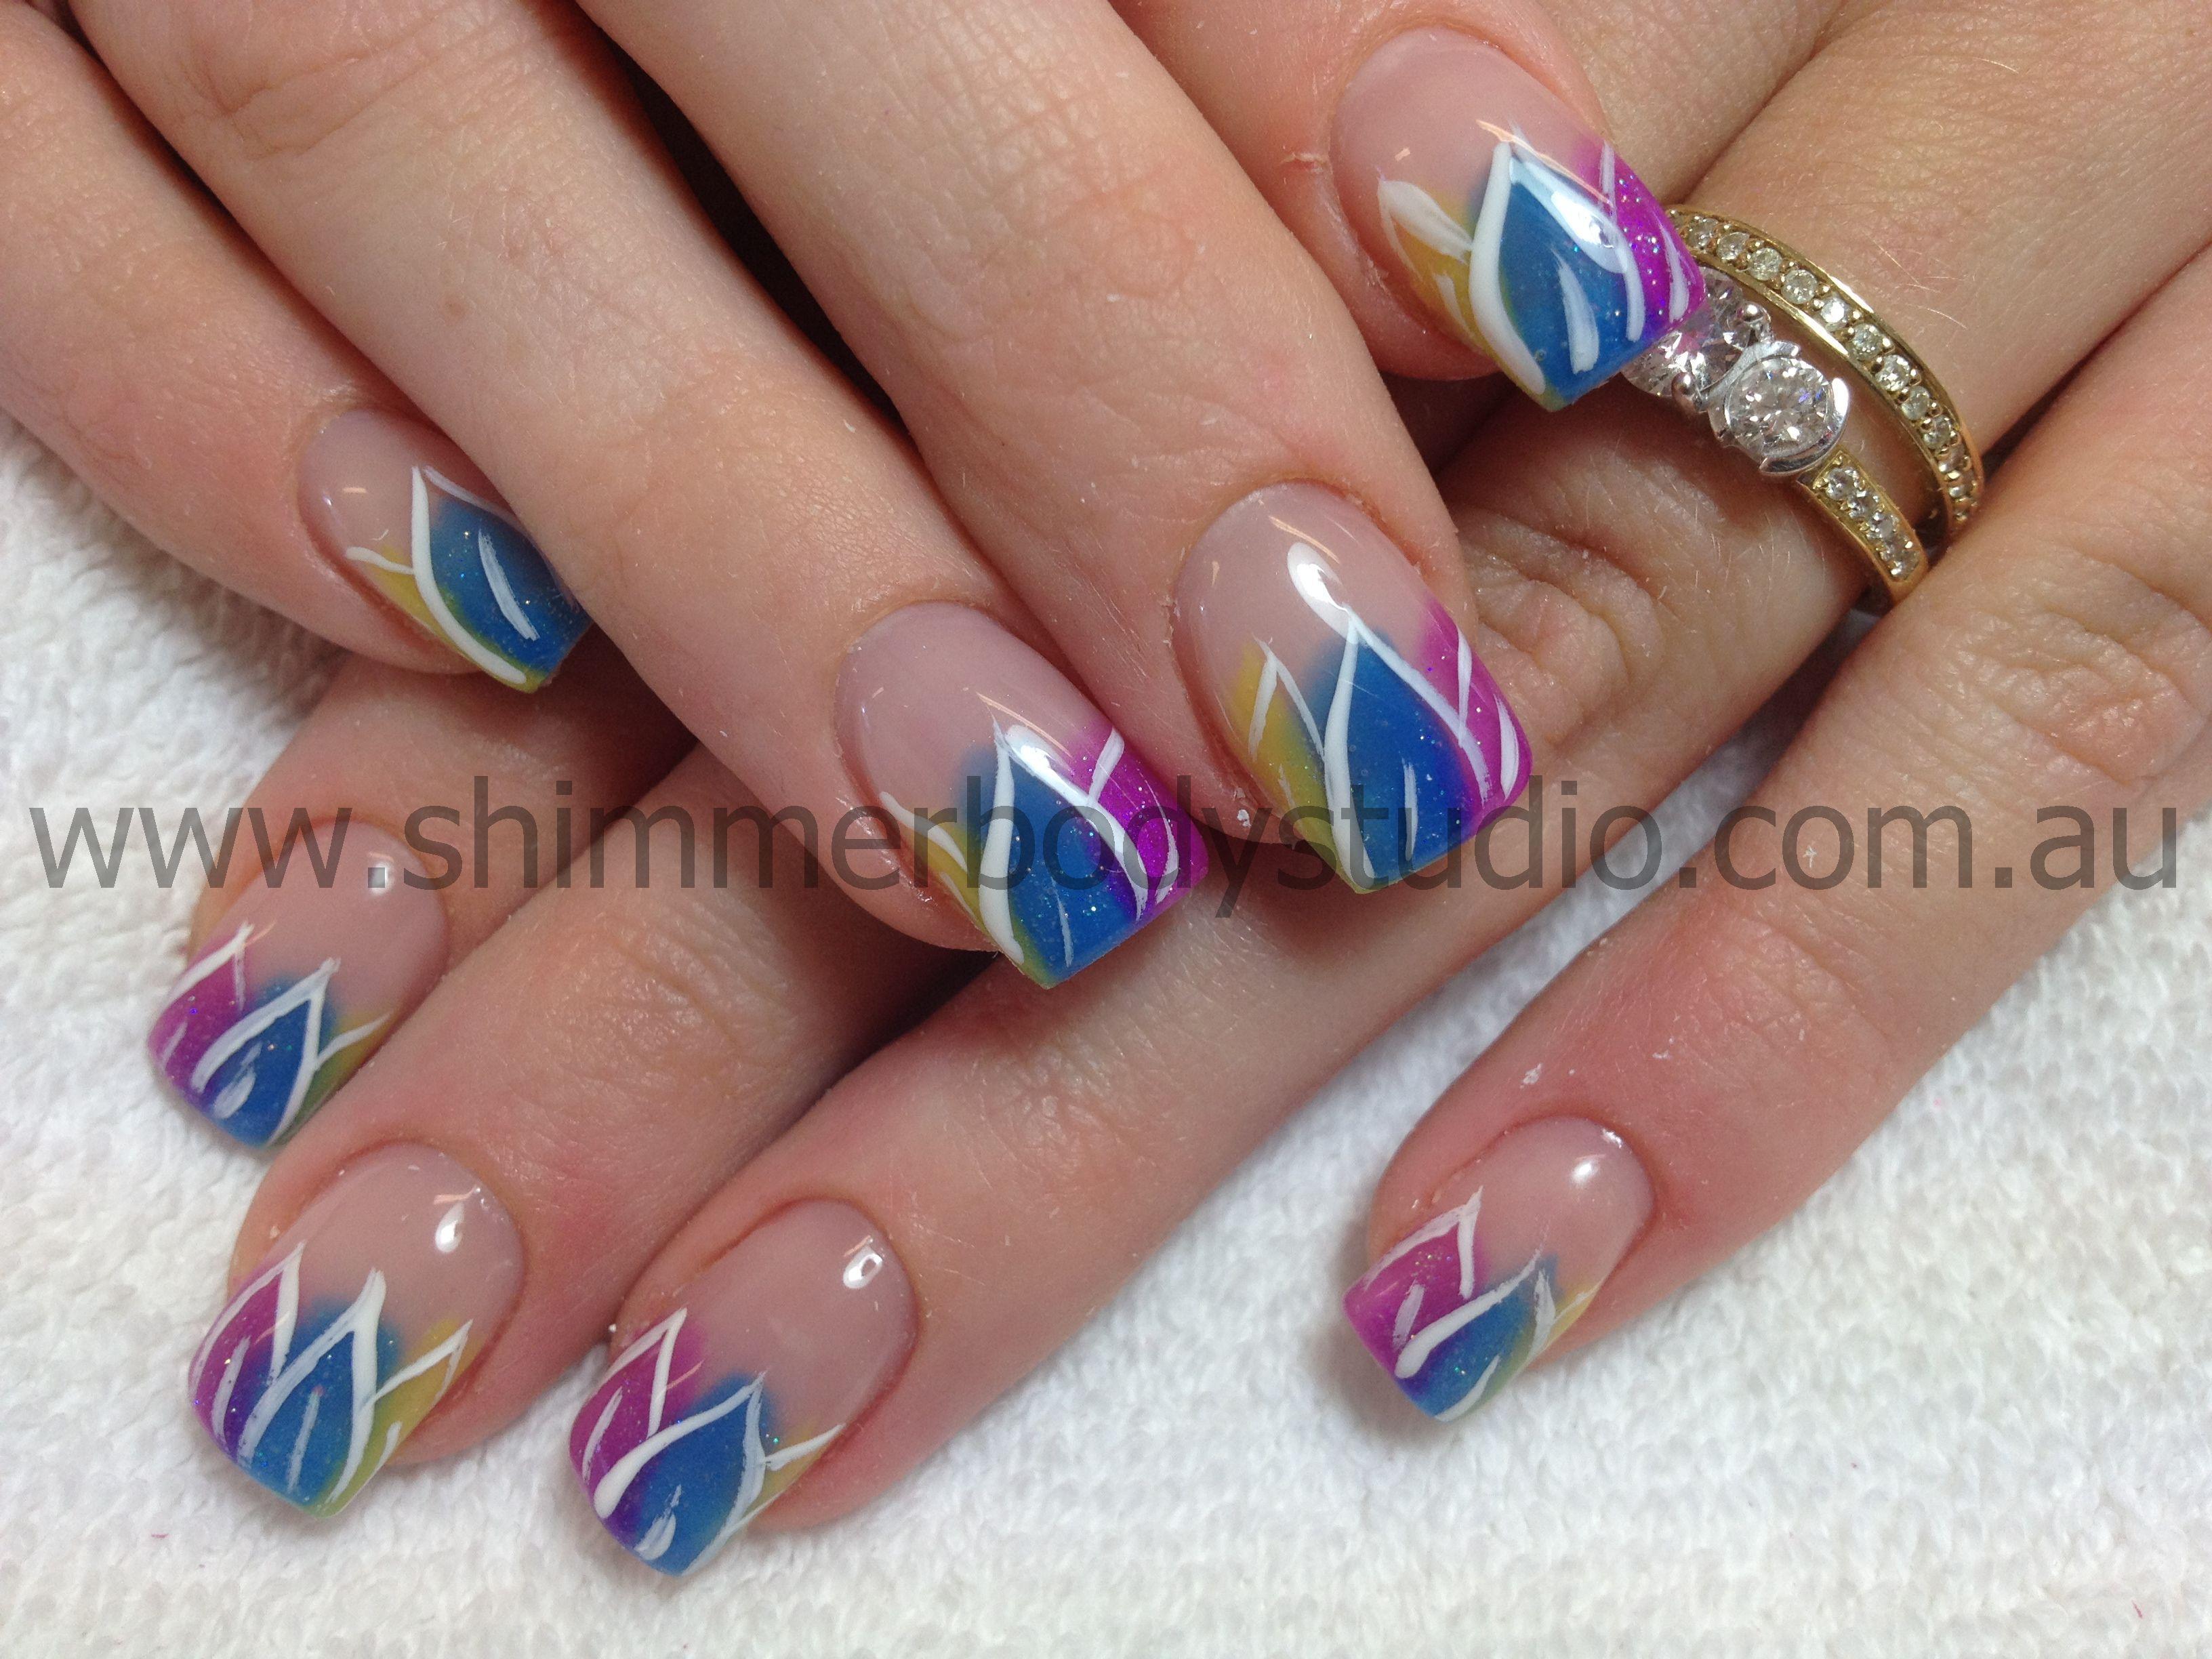 Gel Nails, Colourful Nails, Gel Nails, Hand Painted Nail ...